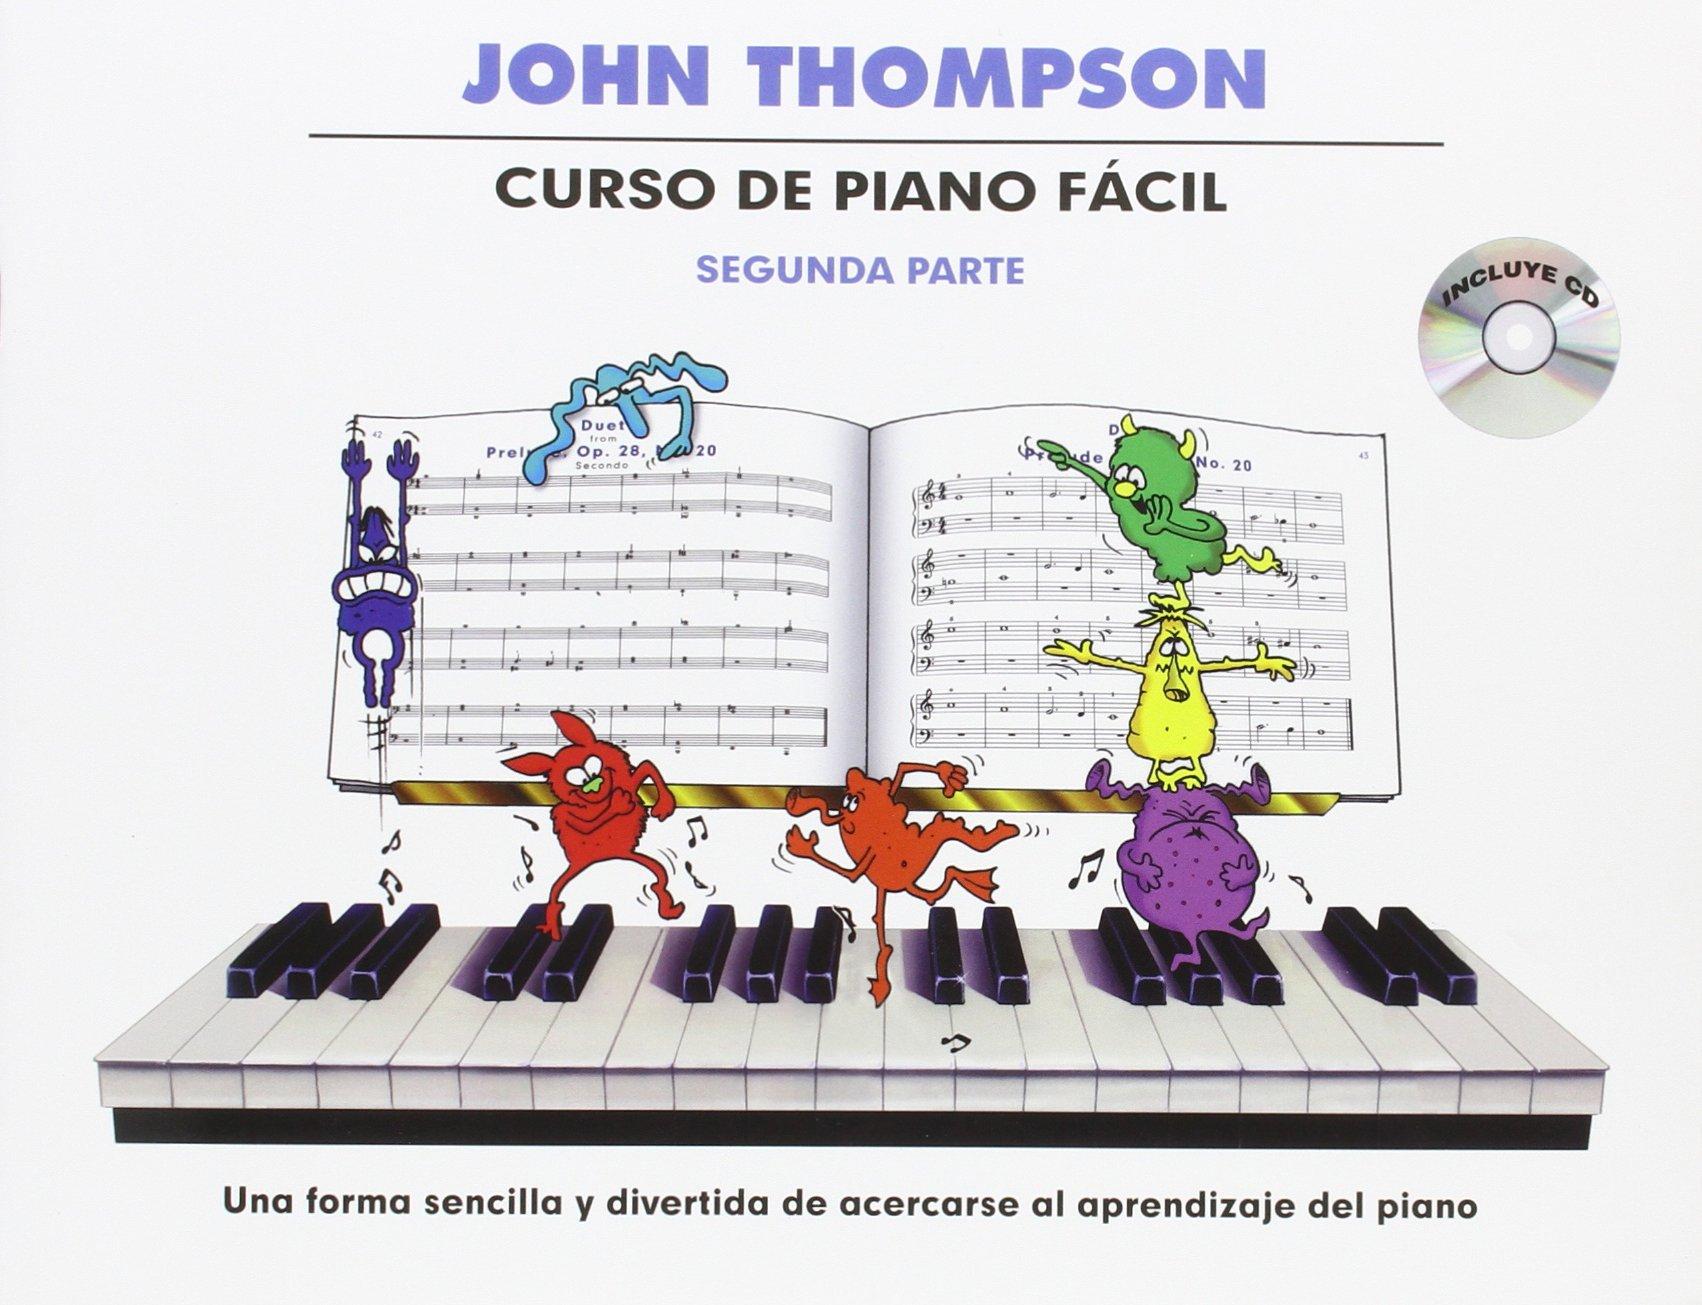 John Thompson: Curso de Piano Facil Segunda Parte: Amazon.es: Libros en idiomas extranjeros